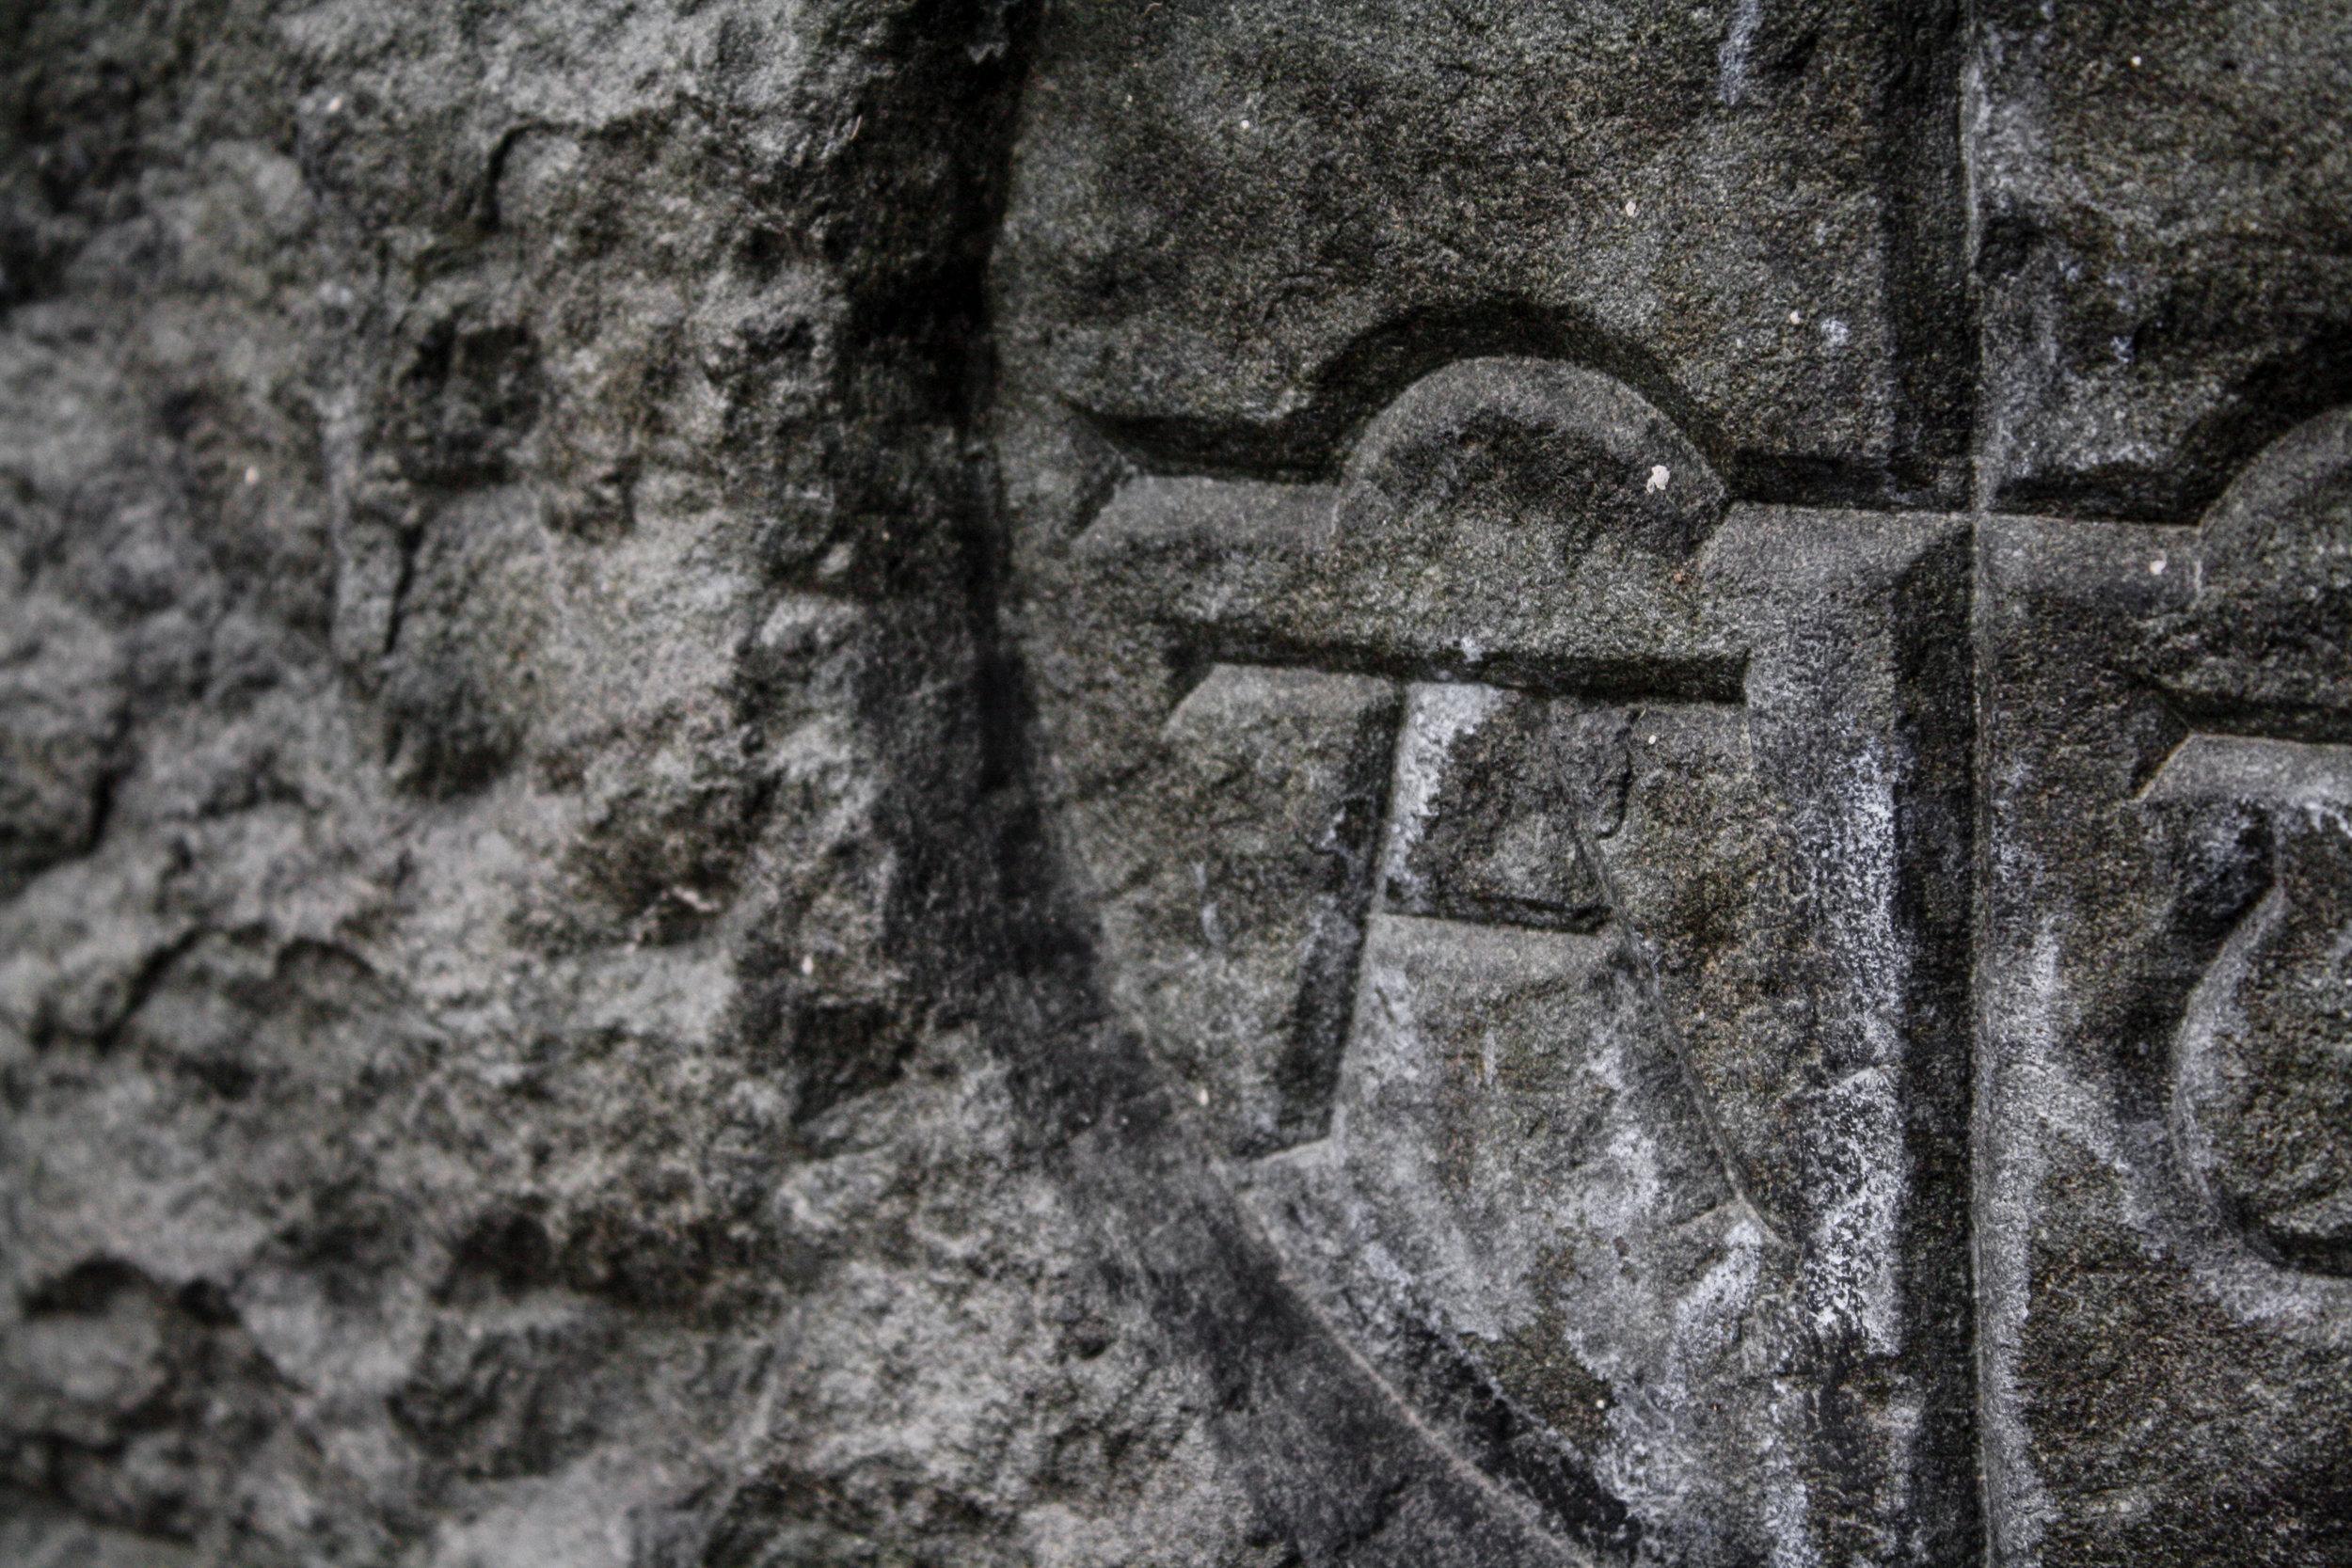 cornerstone--abdij-sint-benedictusberg_8192891456_o.jpg